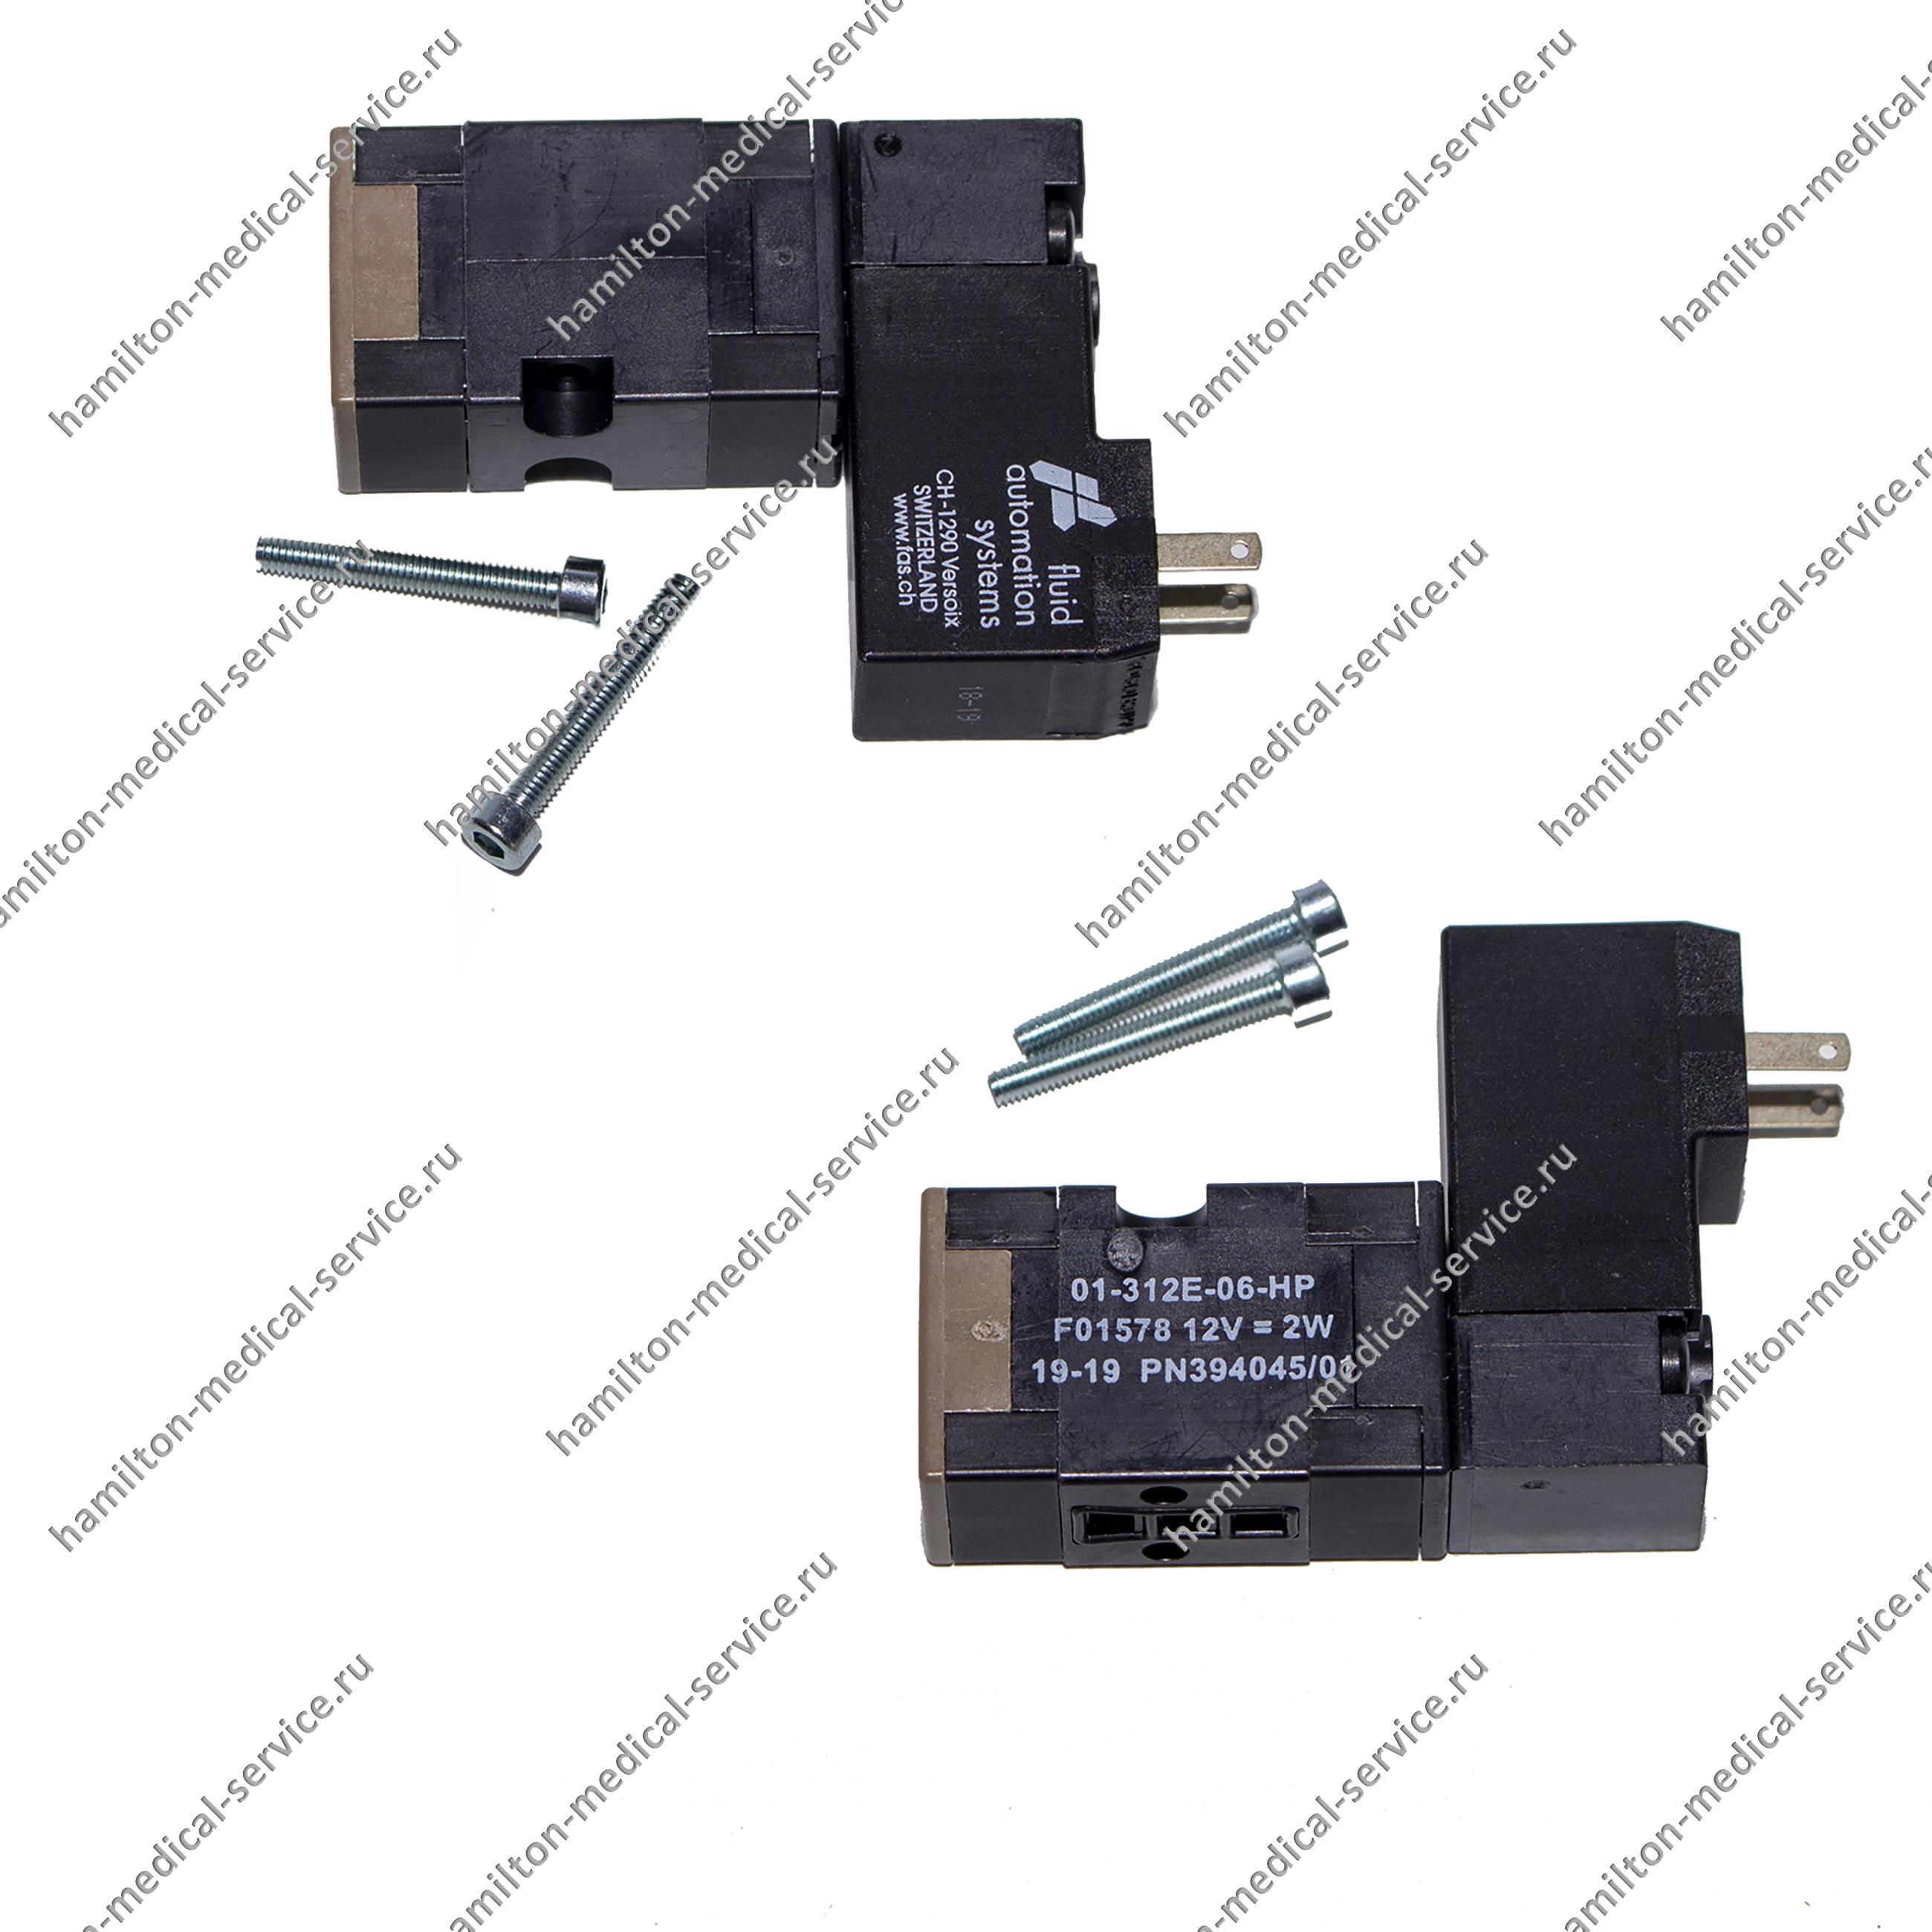 Клапан блока смесителя для ИВЛ Рафаэль (Raphael), 1 шт.